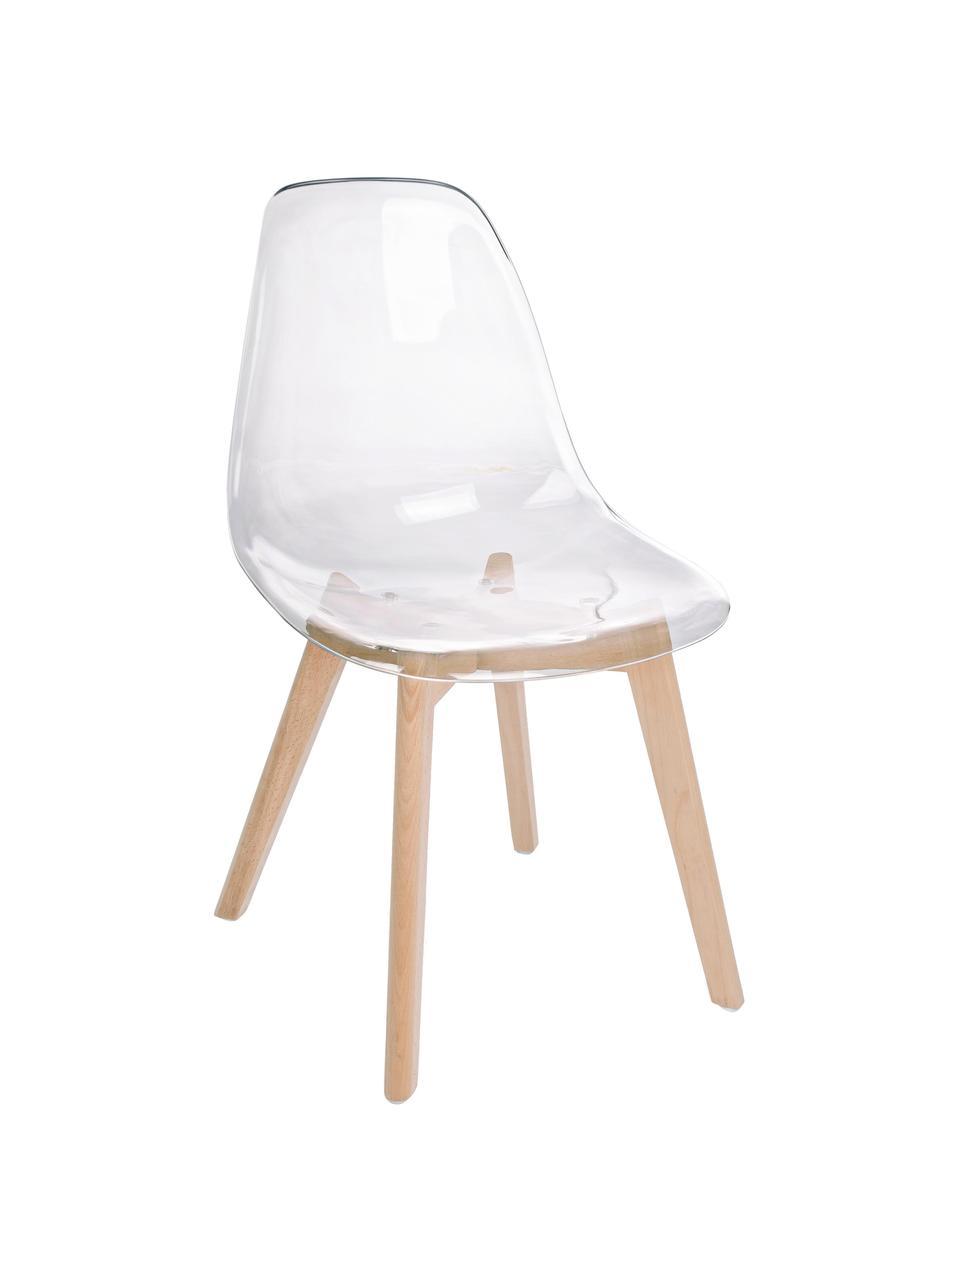 Chaise avec assise transparente Easy, 2pièces, Transparent, bois de hêtre